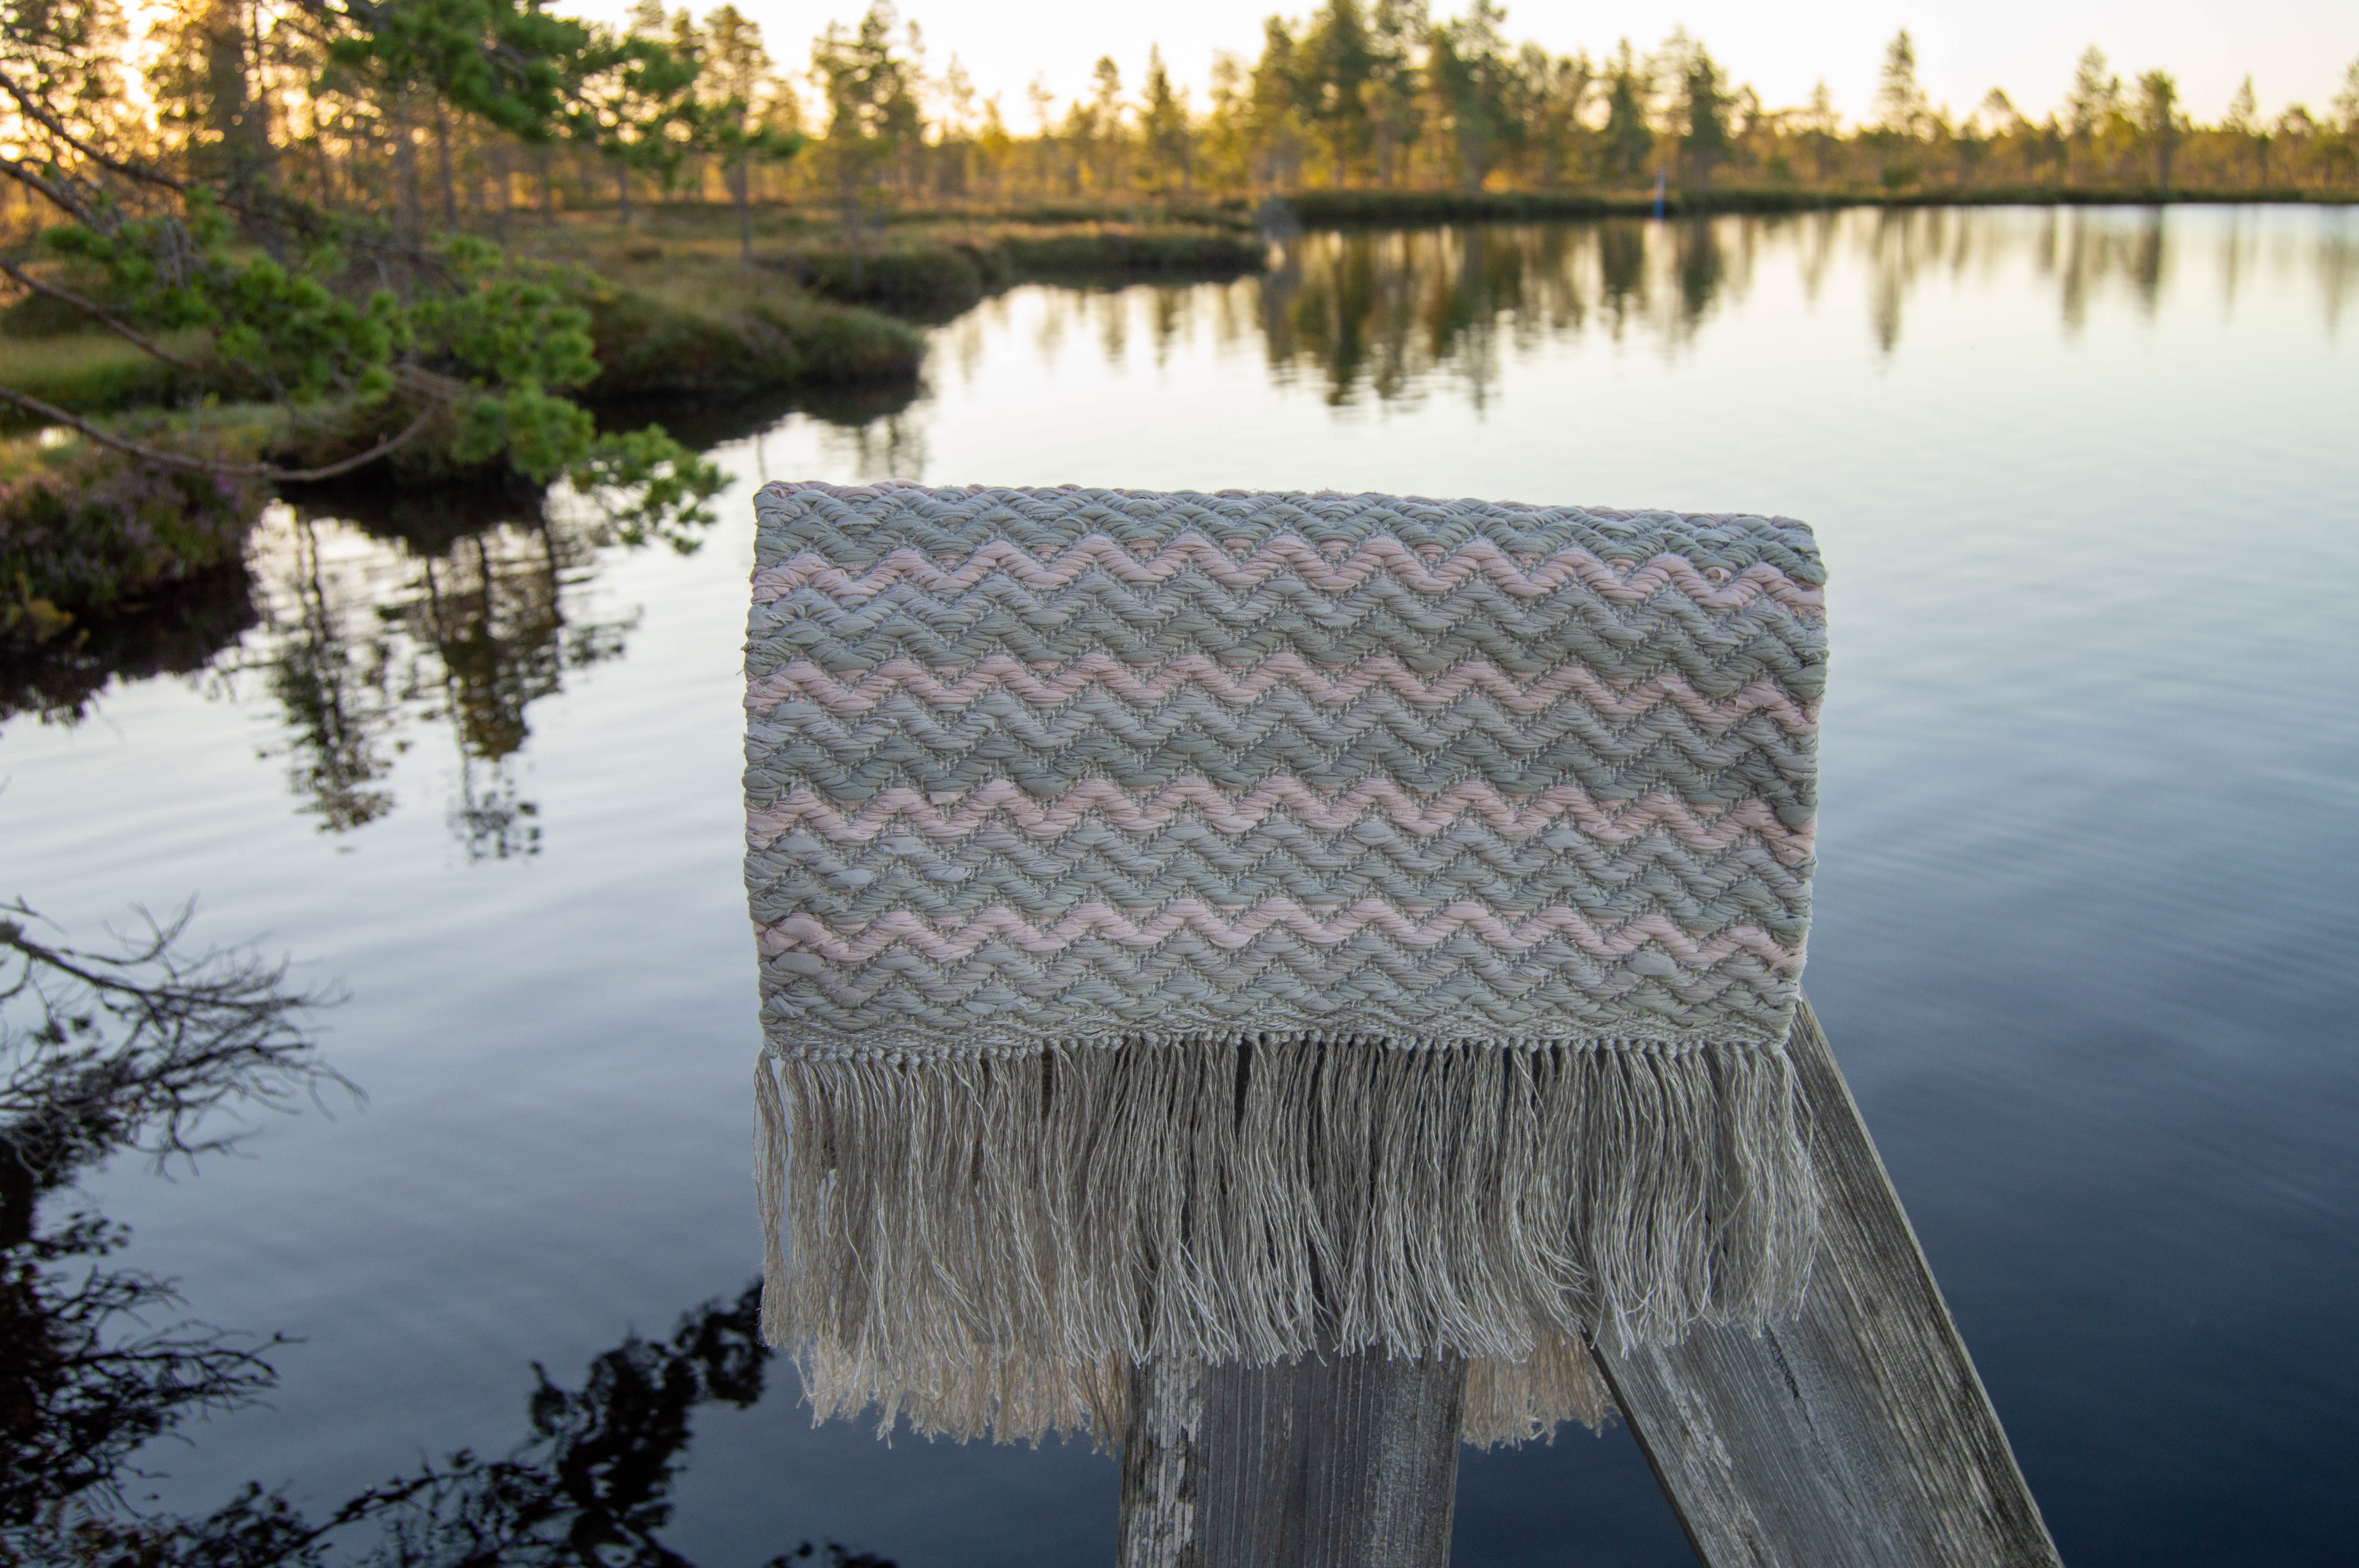 Kasvivärien kestävyys ja luonnonvärjätyn tekstiilin hoito